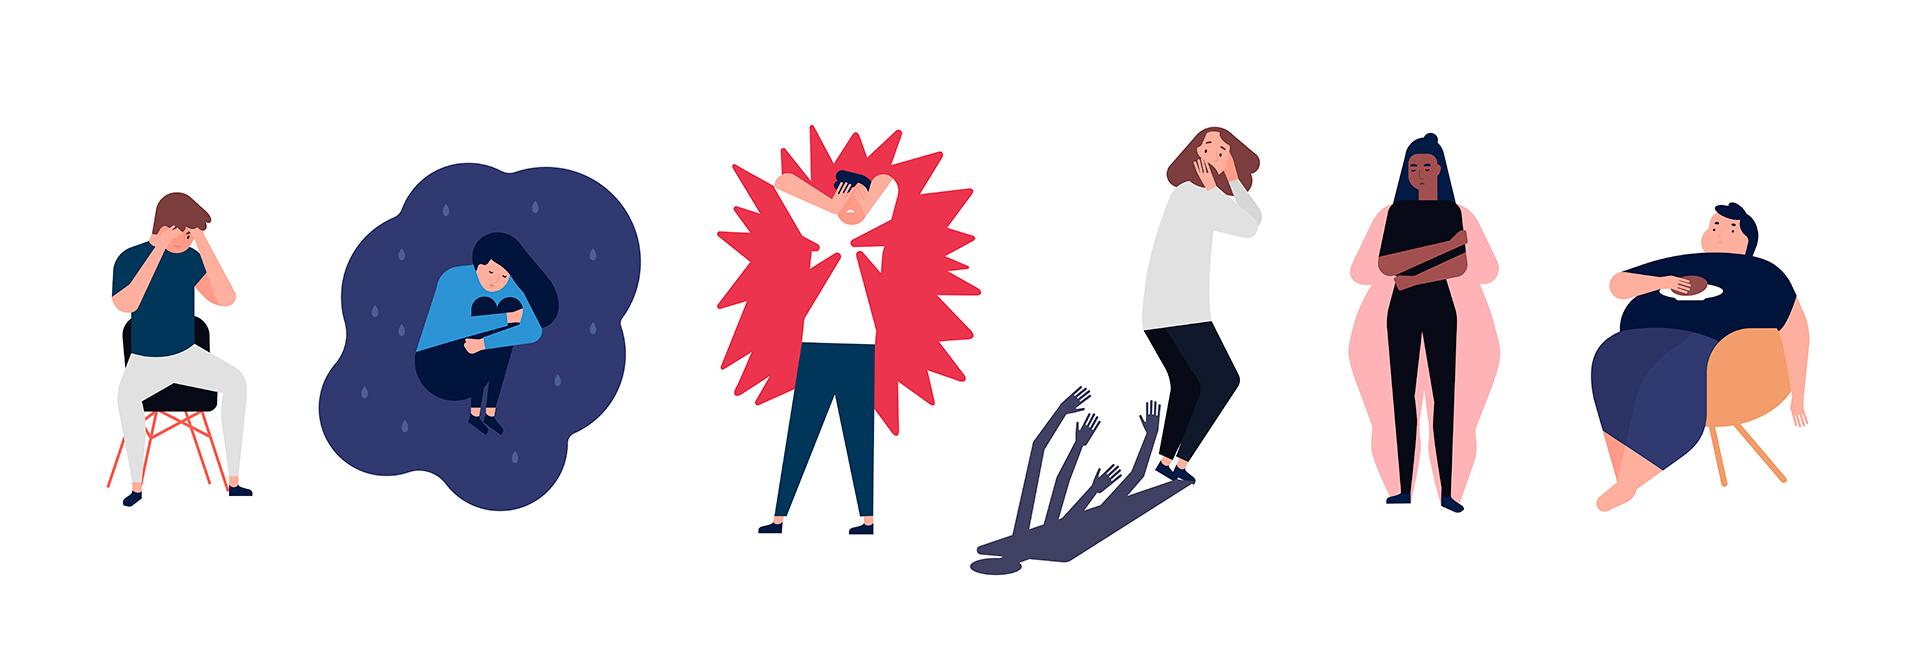 La pospandemia dejará sobre la superficie una serie de síntomas y trastornos ligados a resquebrajar la salud mental de las personas. Las sociedades empáticas, solidarias y pacíficas lo podrán superar mejor.  (Shutterstock)